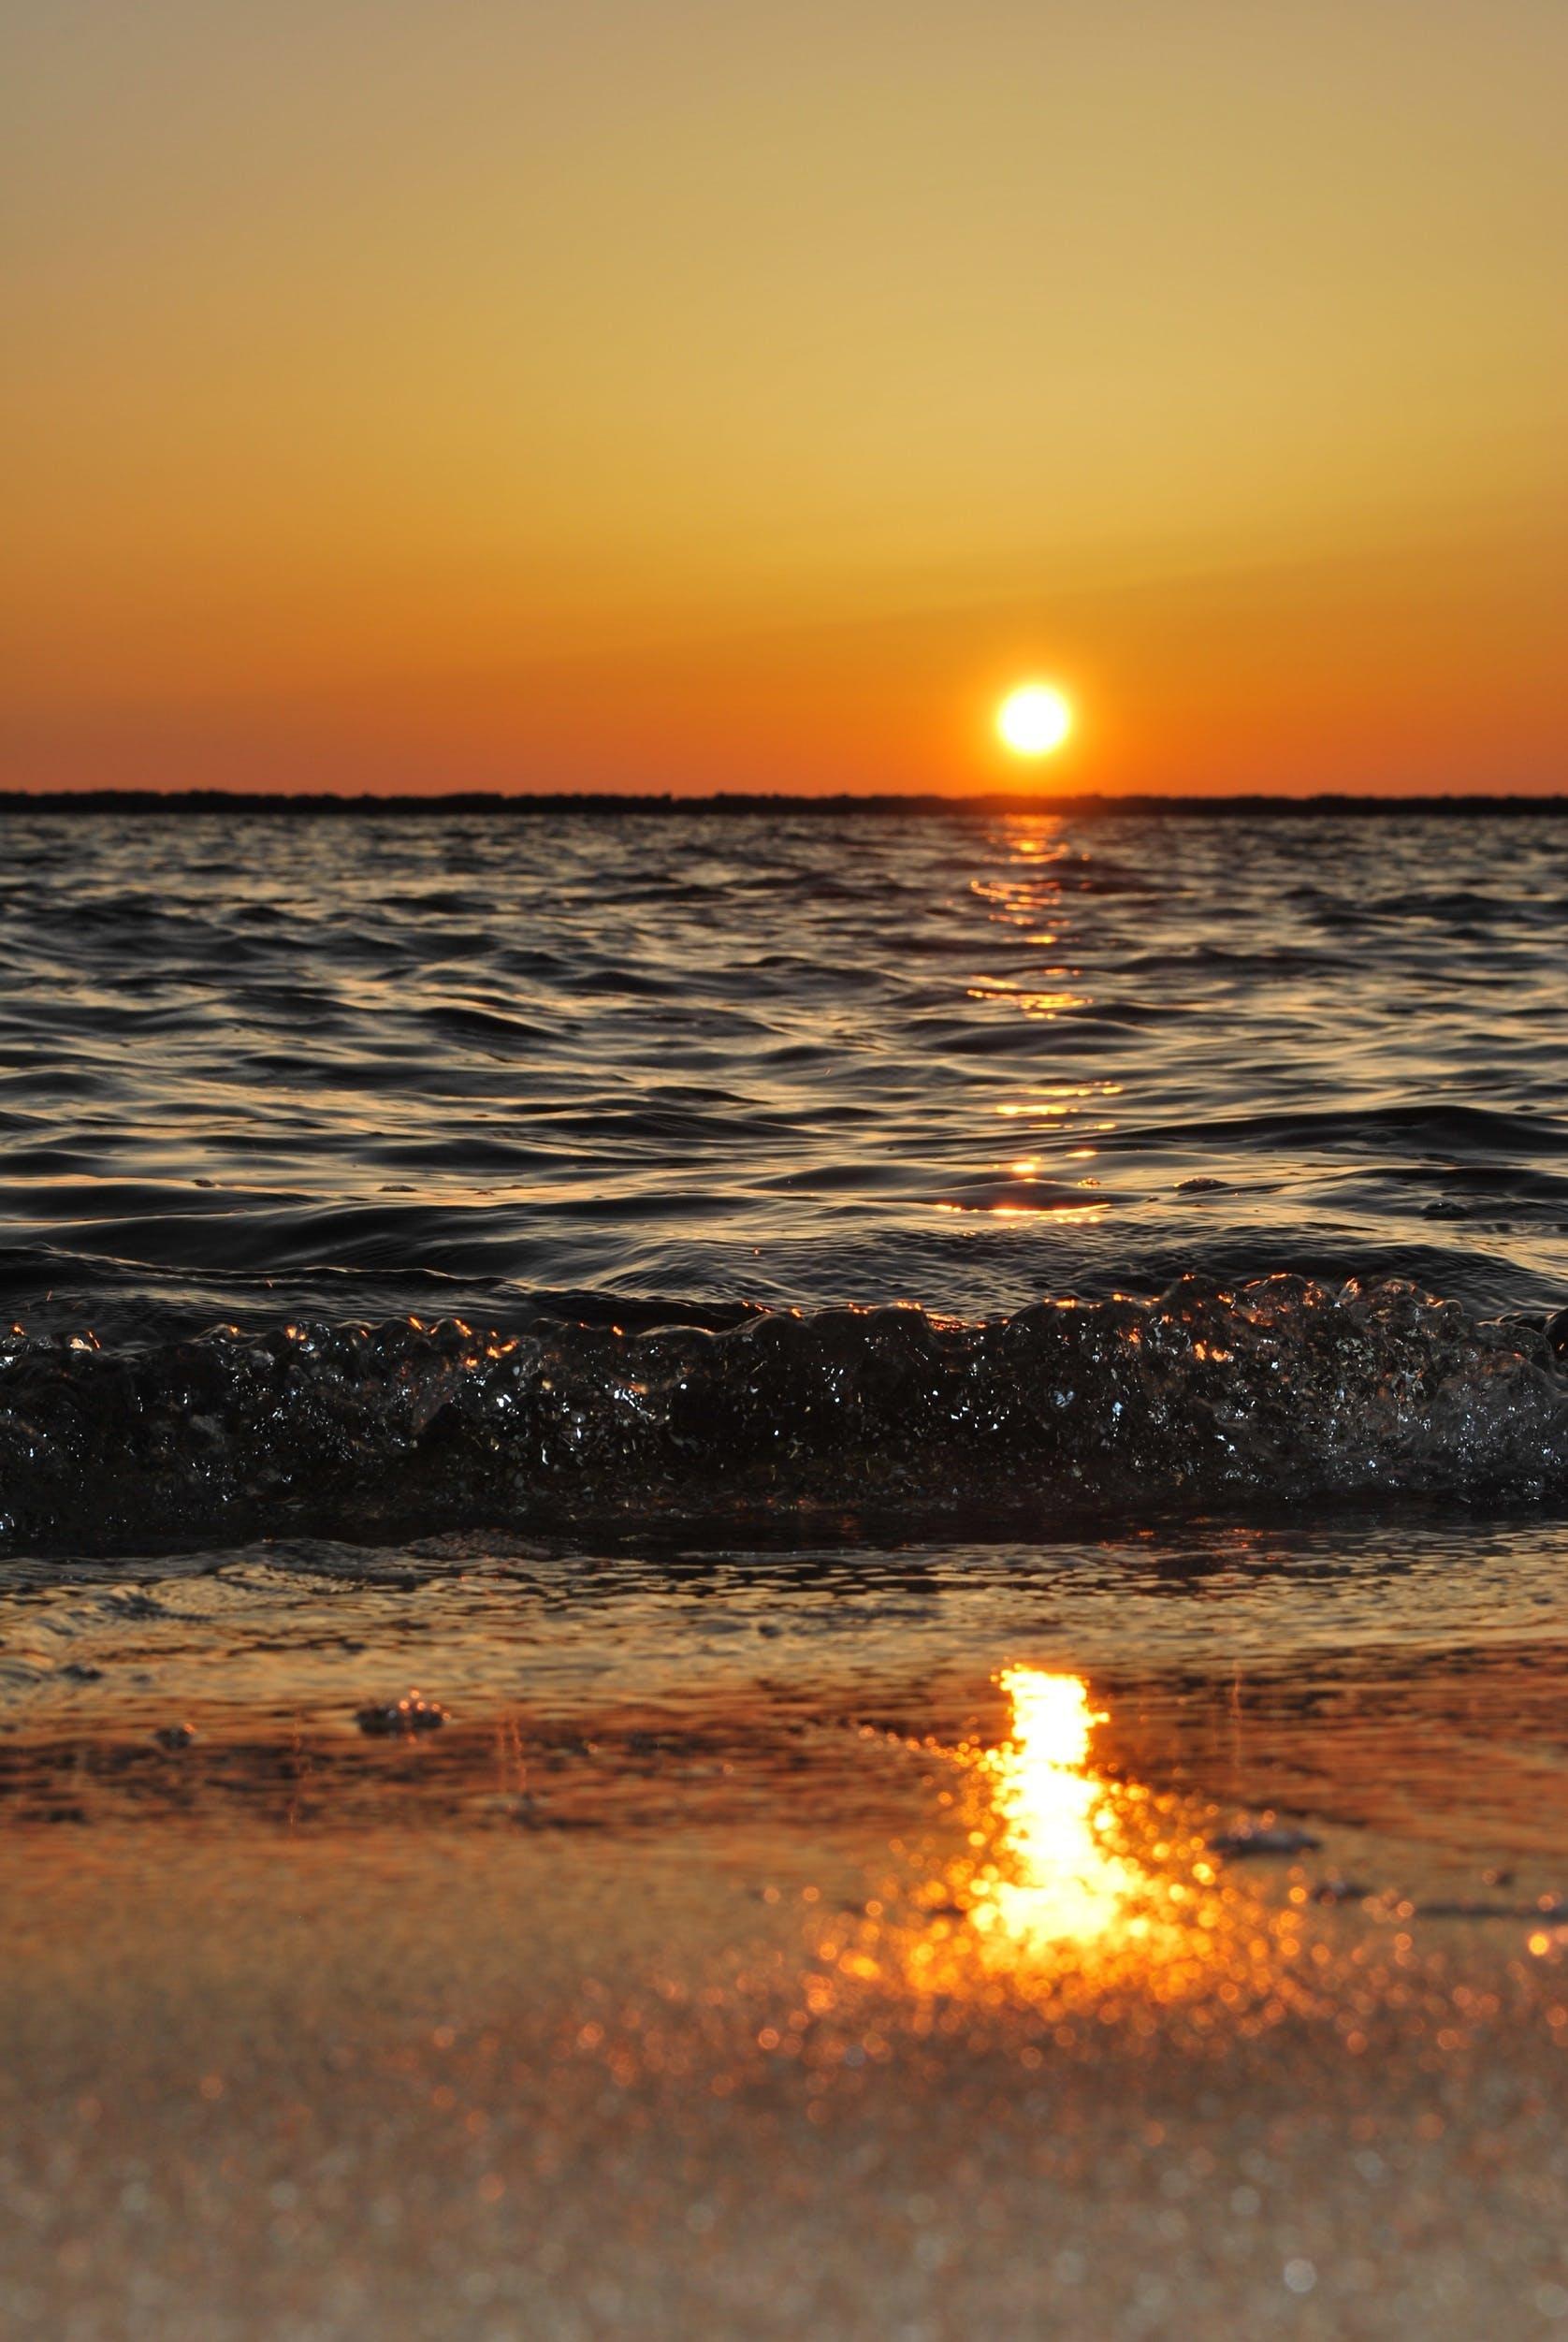 Free stock photo of sunset, beach, sand, water